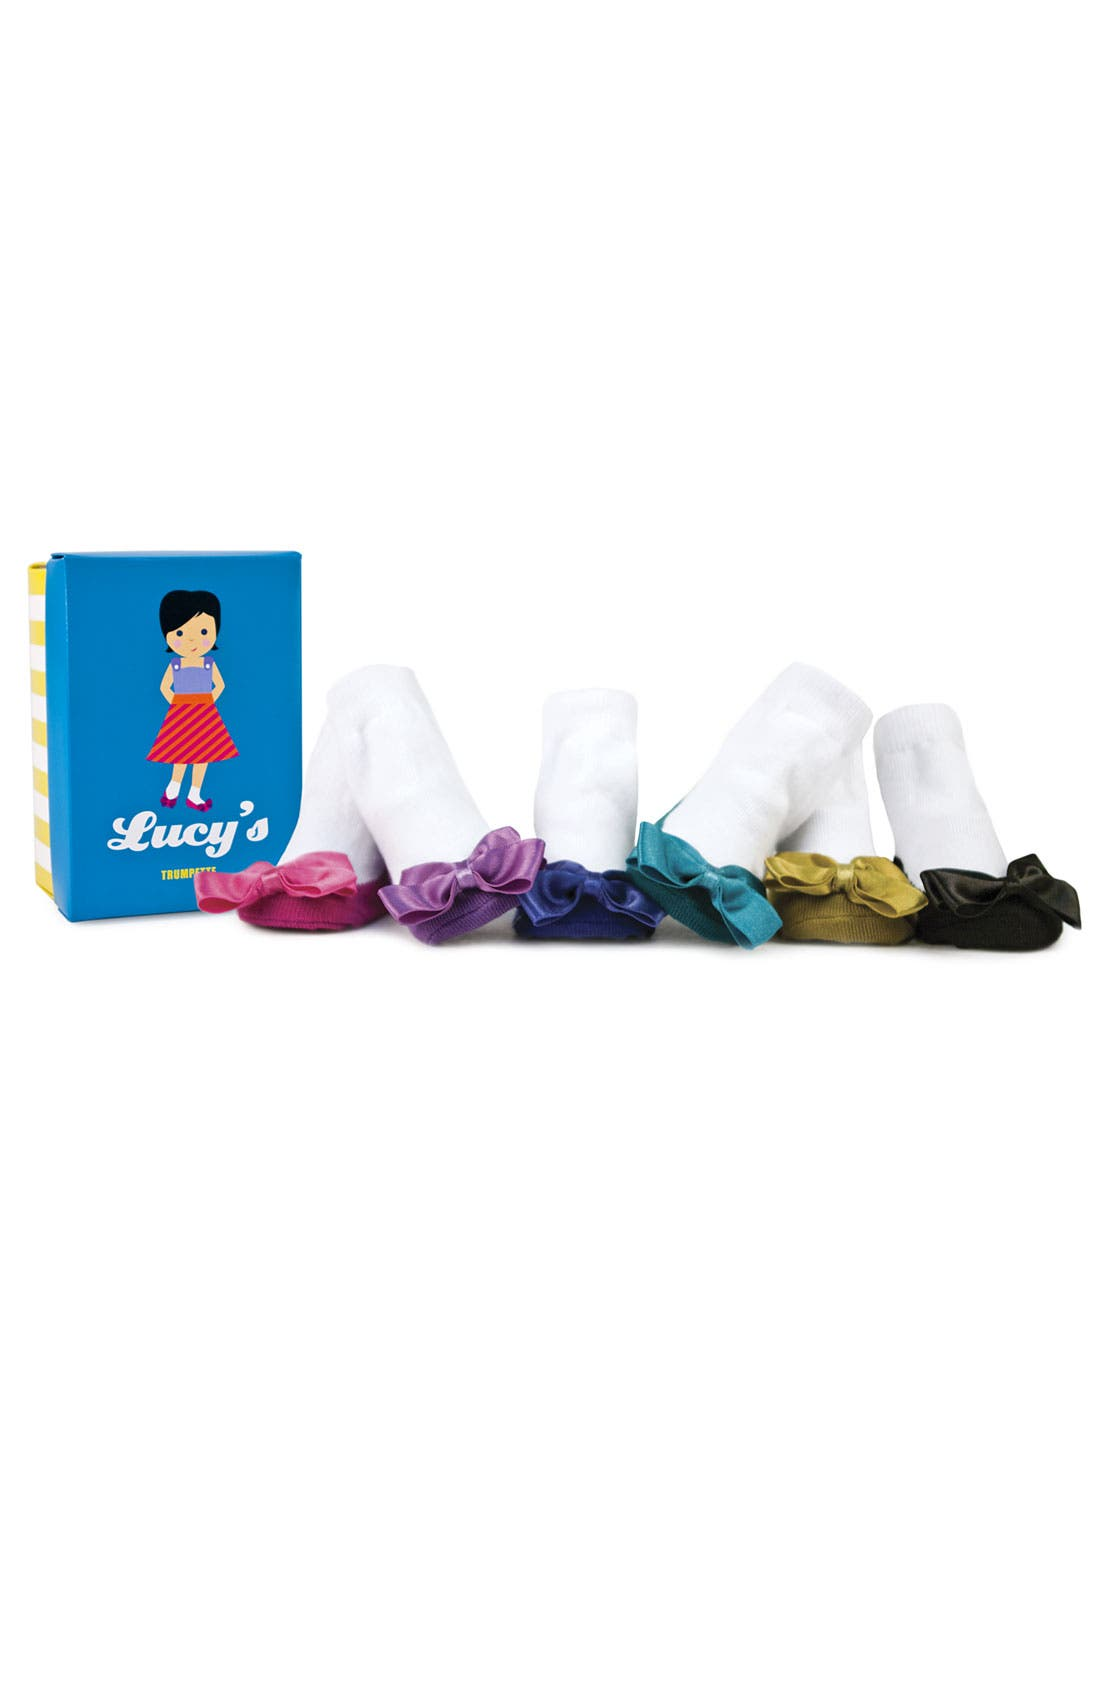 Alternate Image 1 Selected - Trumpette 'Ballerina' Socks Gift Set (Baby Girls)